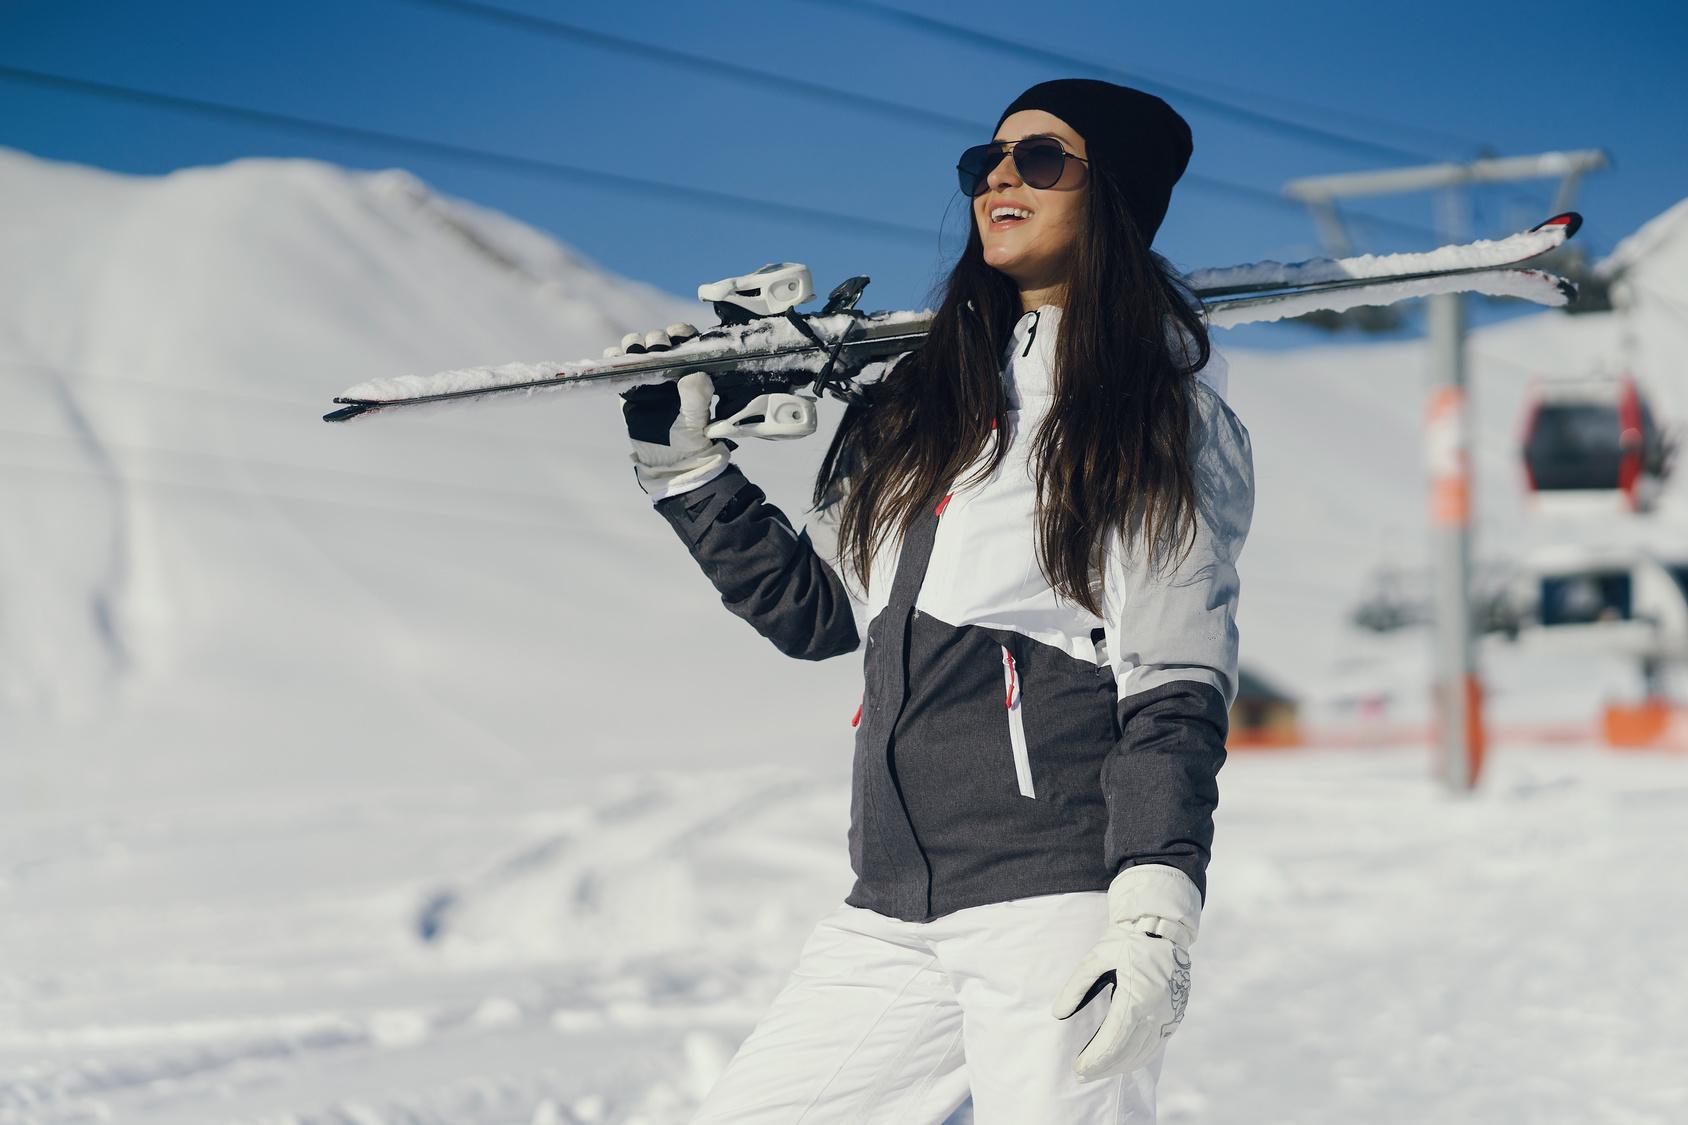 pralnie warszawa specjalistyczne kurtki narciarskie